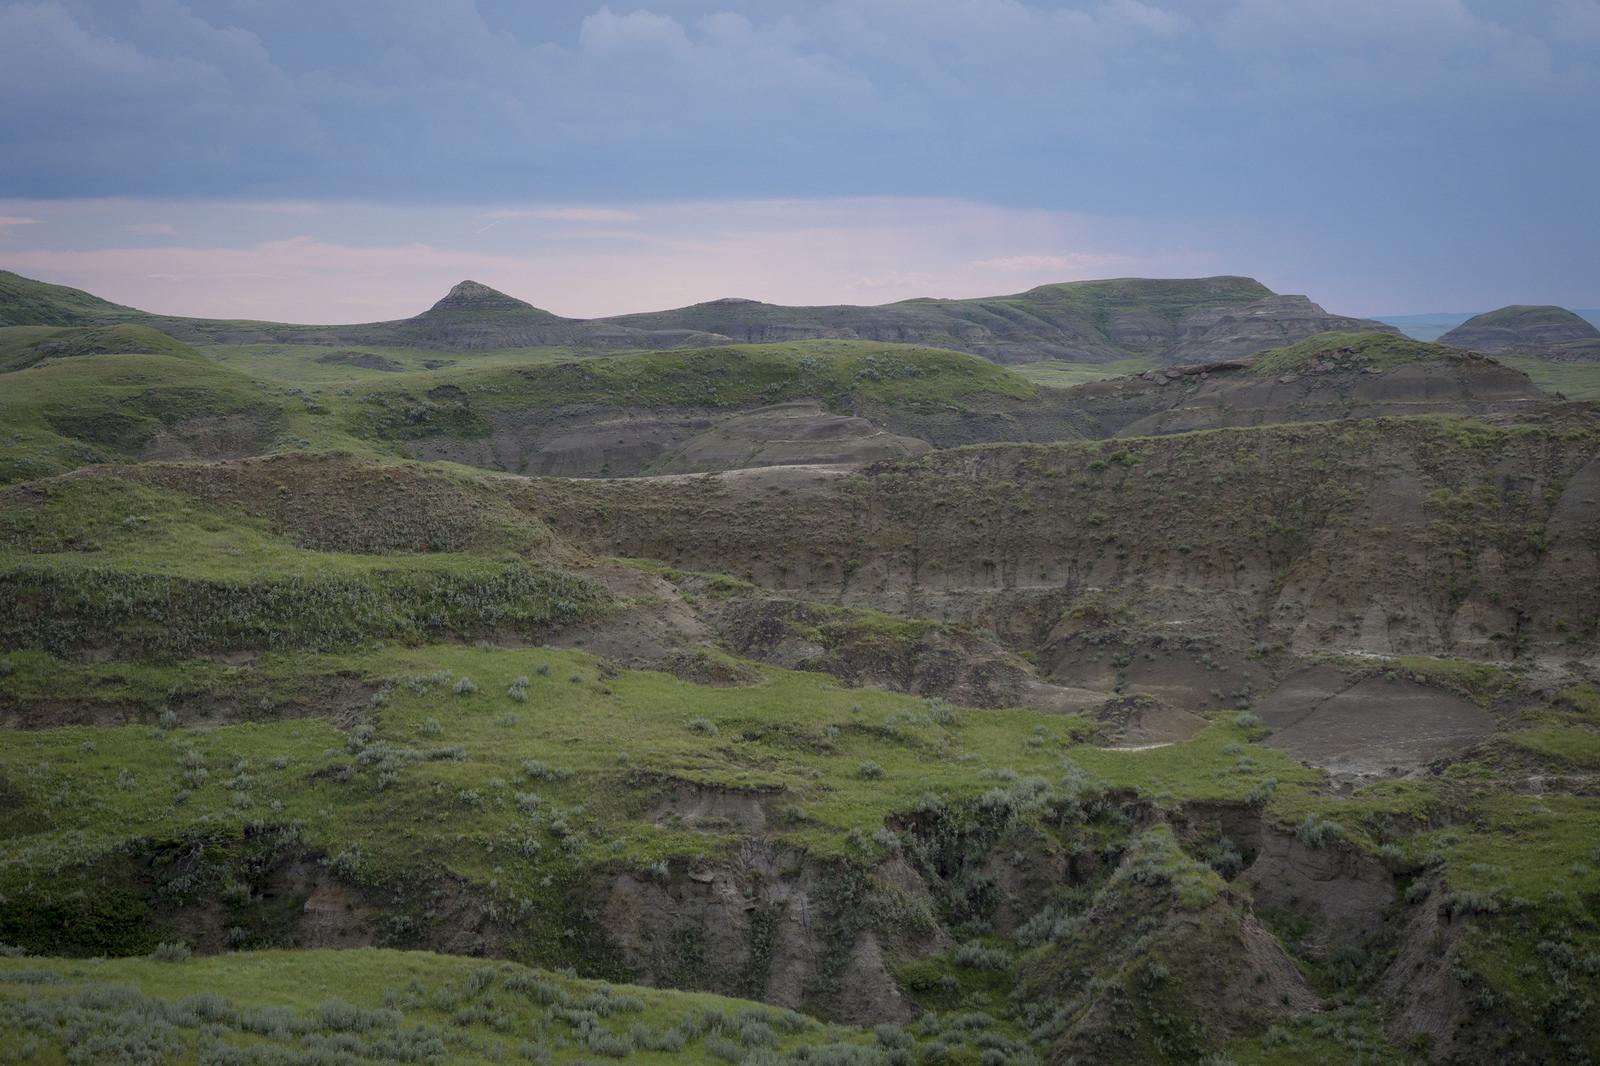 Sandstone Outcrops in Grasslands National Park